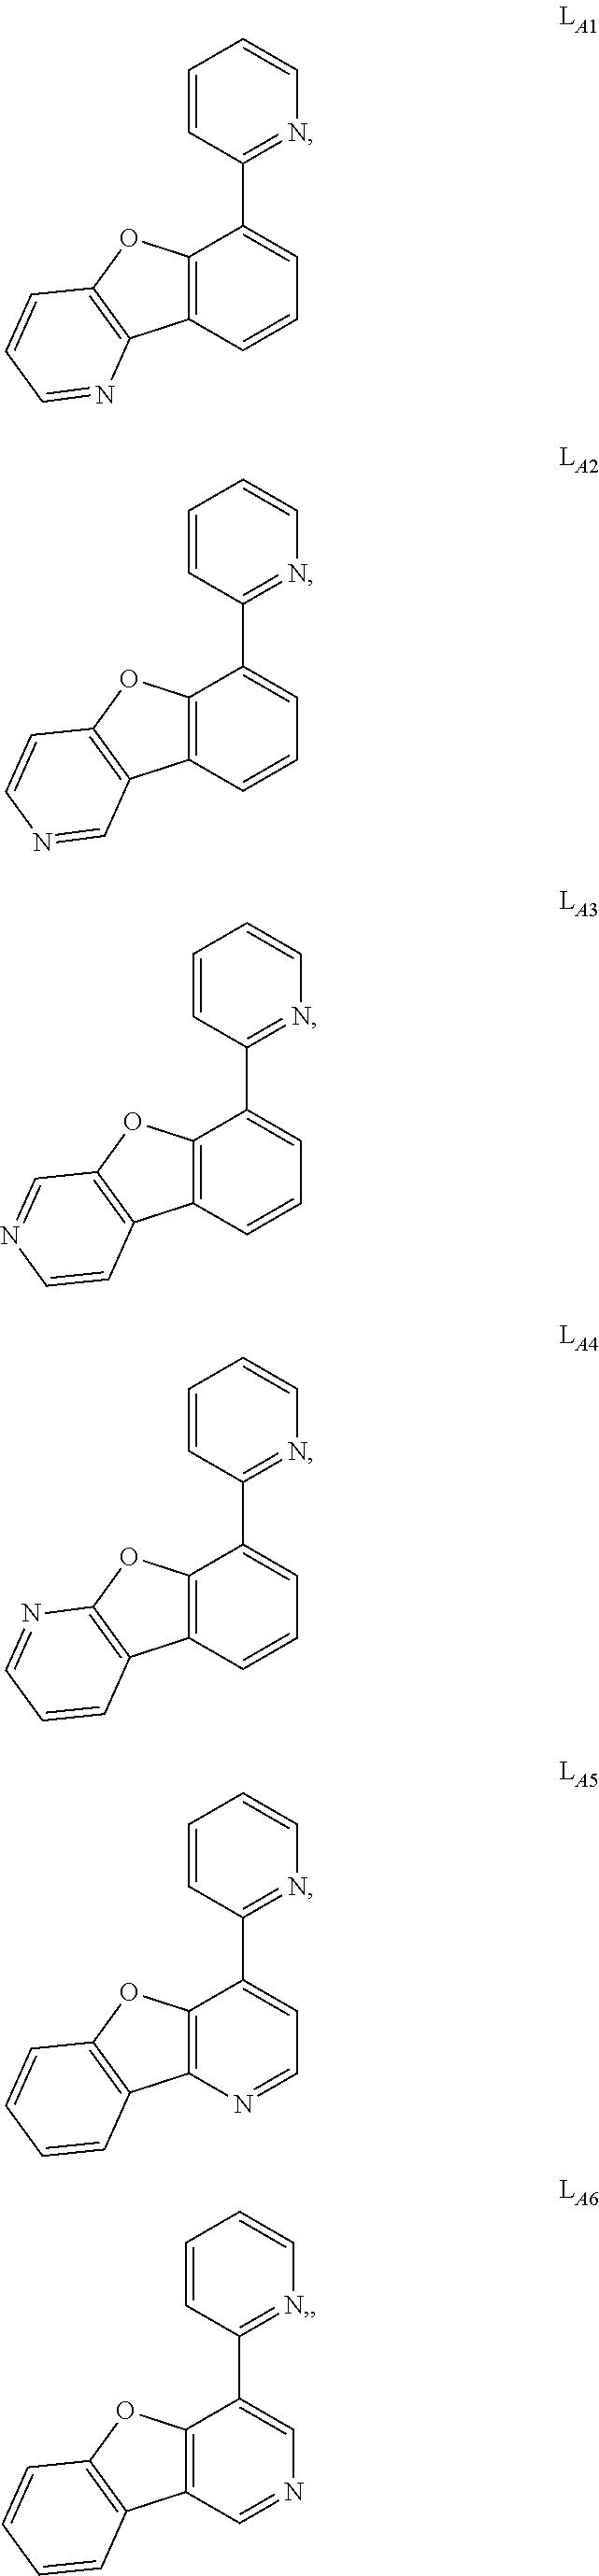 Figure US09634264-20170425-C00005